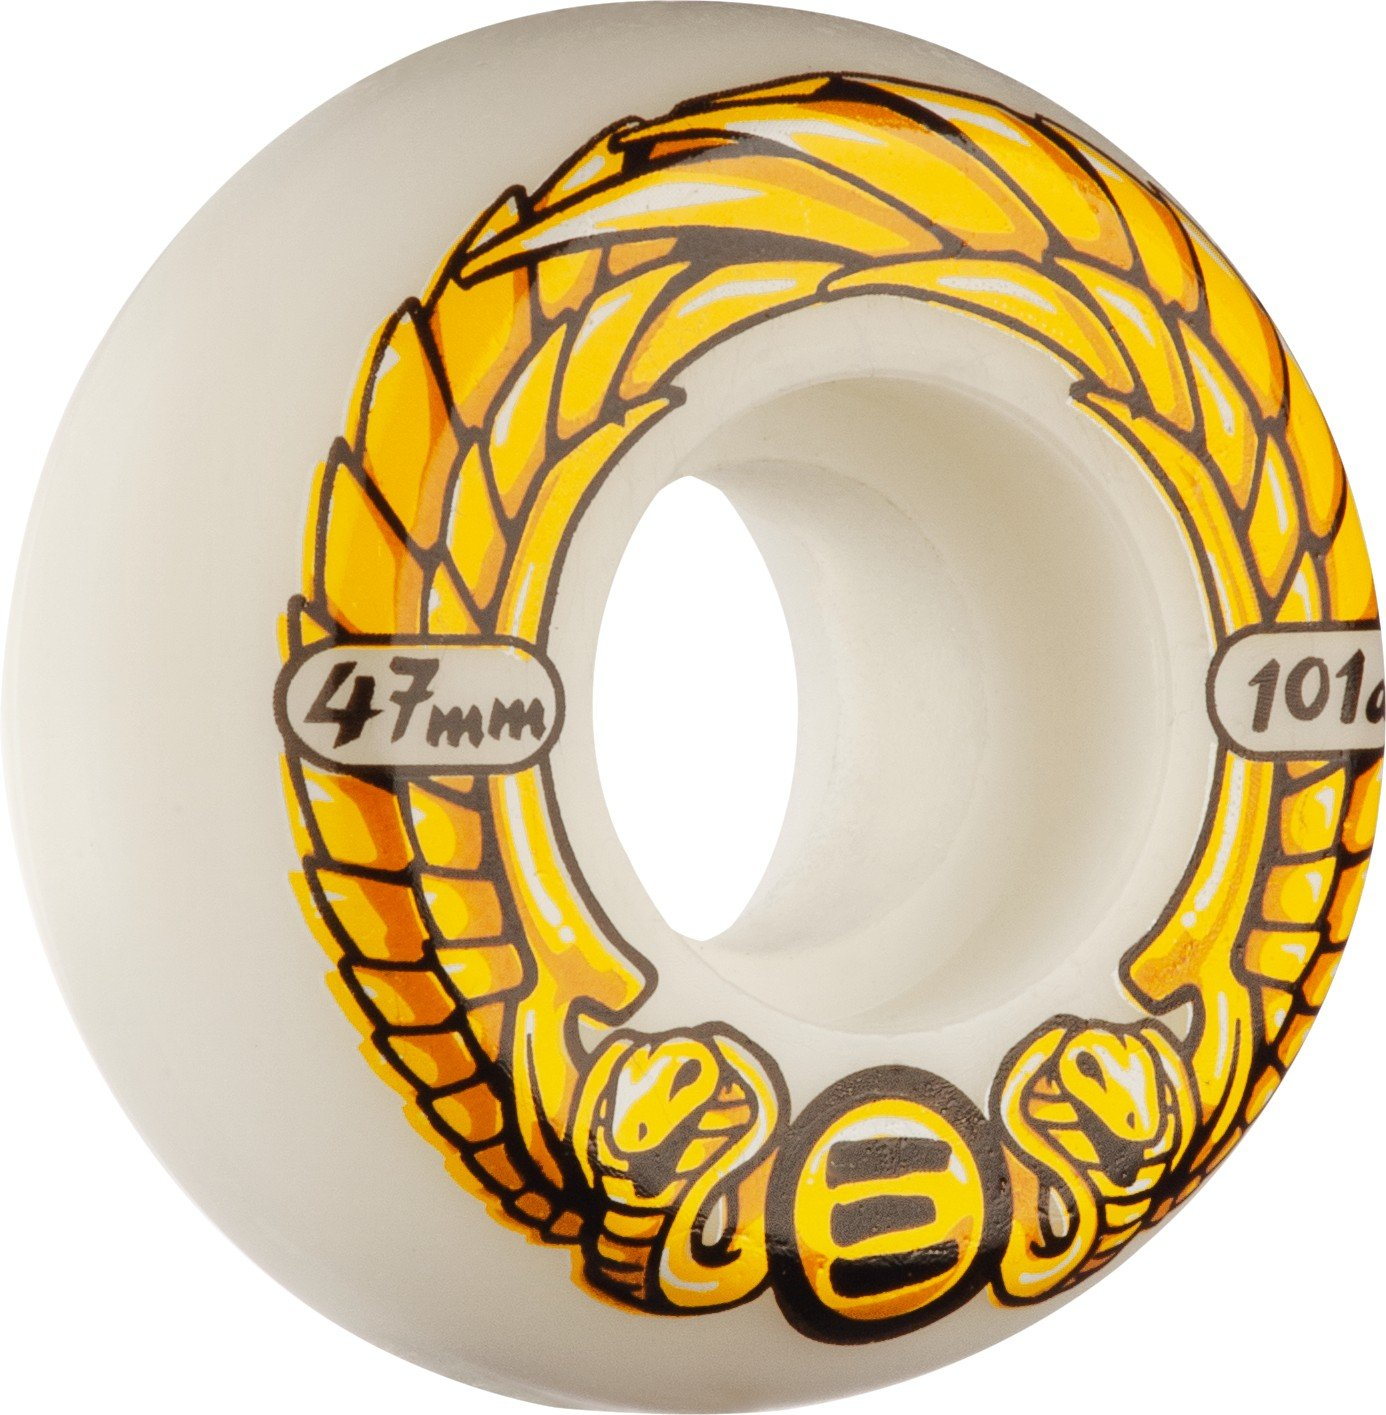 RollerBones Eulogy Inline Wheel Anti Rocker (47mm, 101A, 4pk)